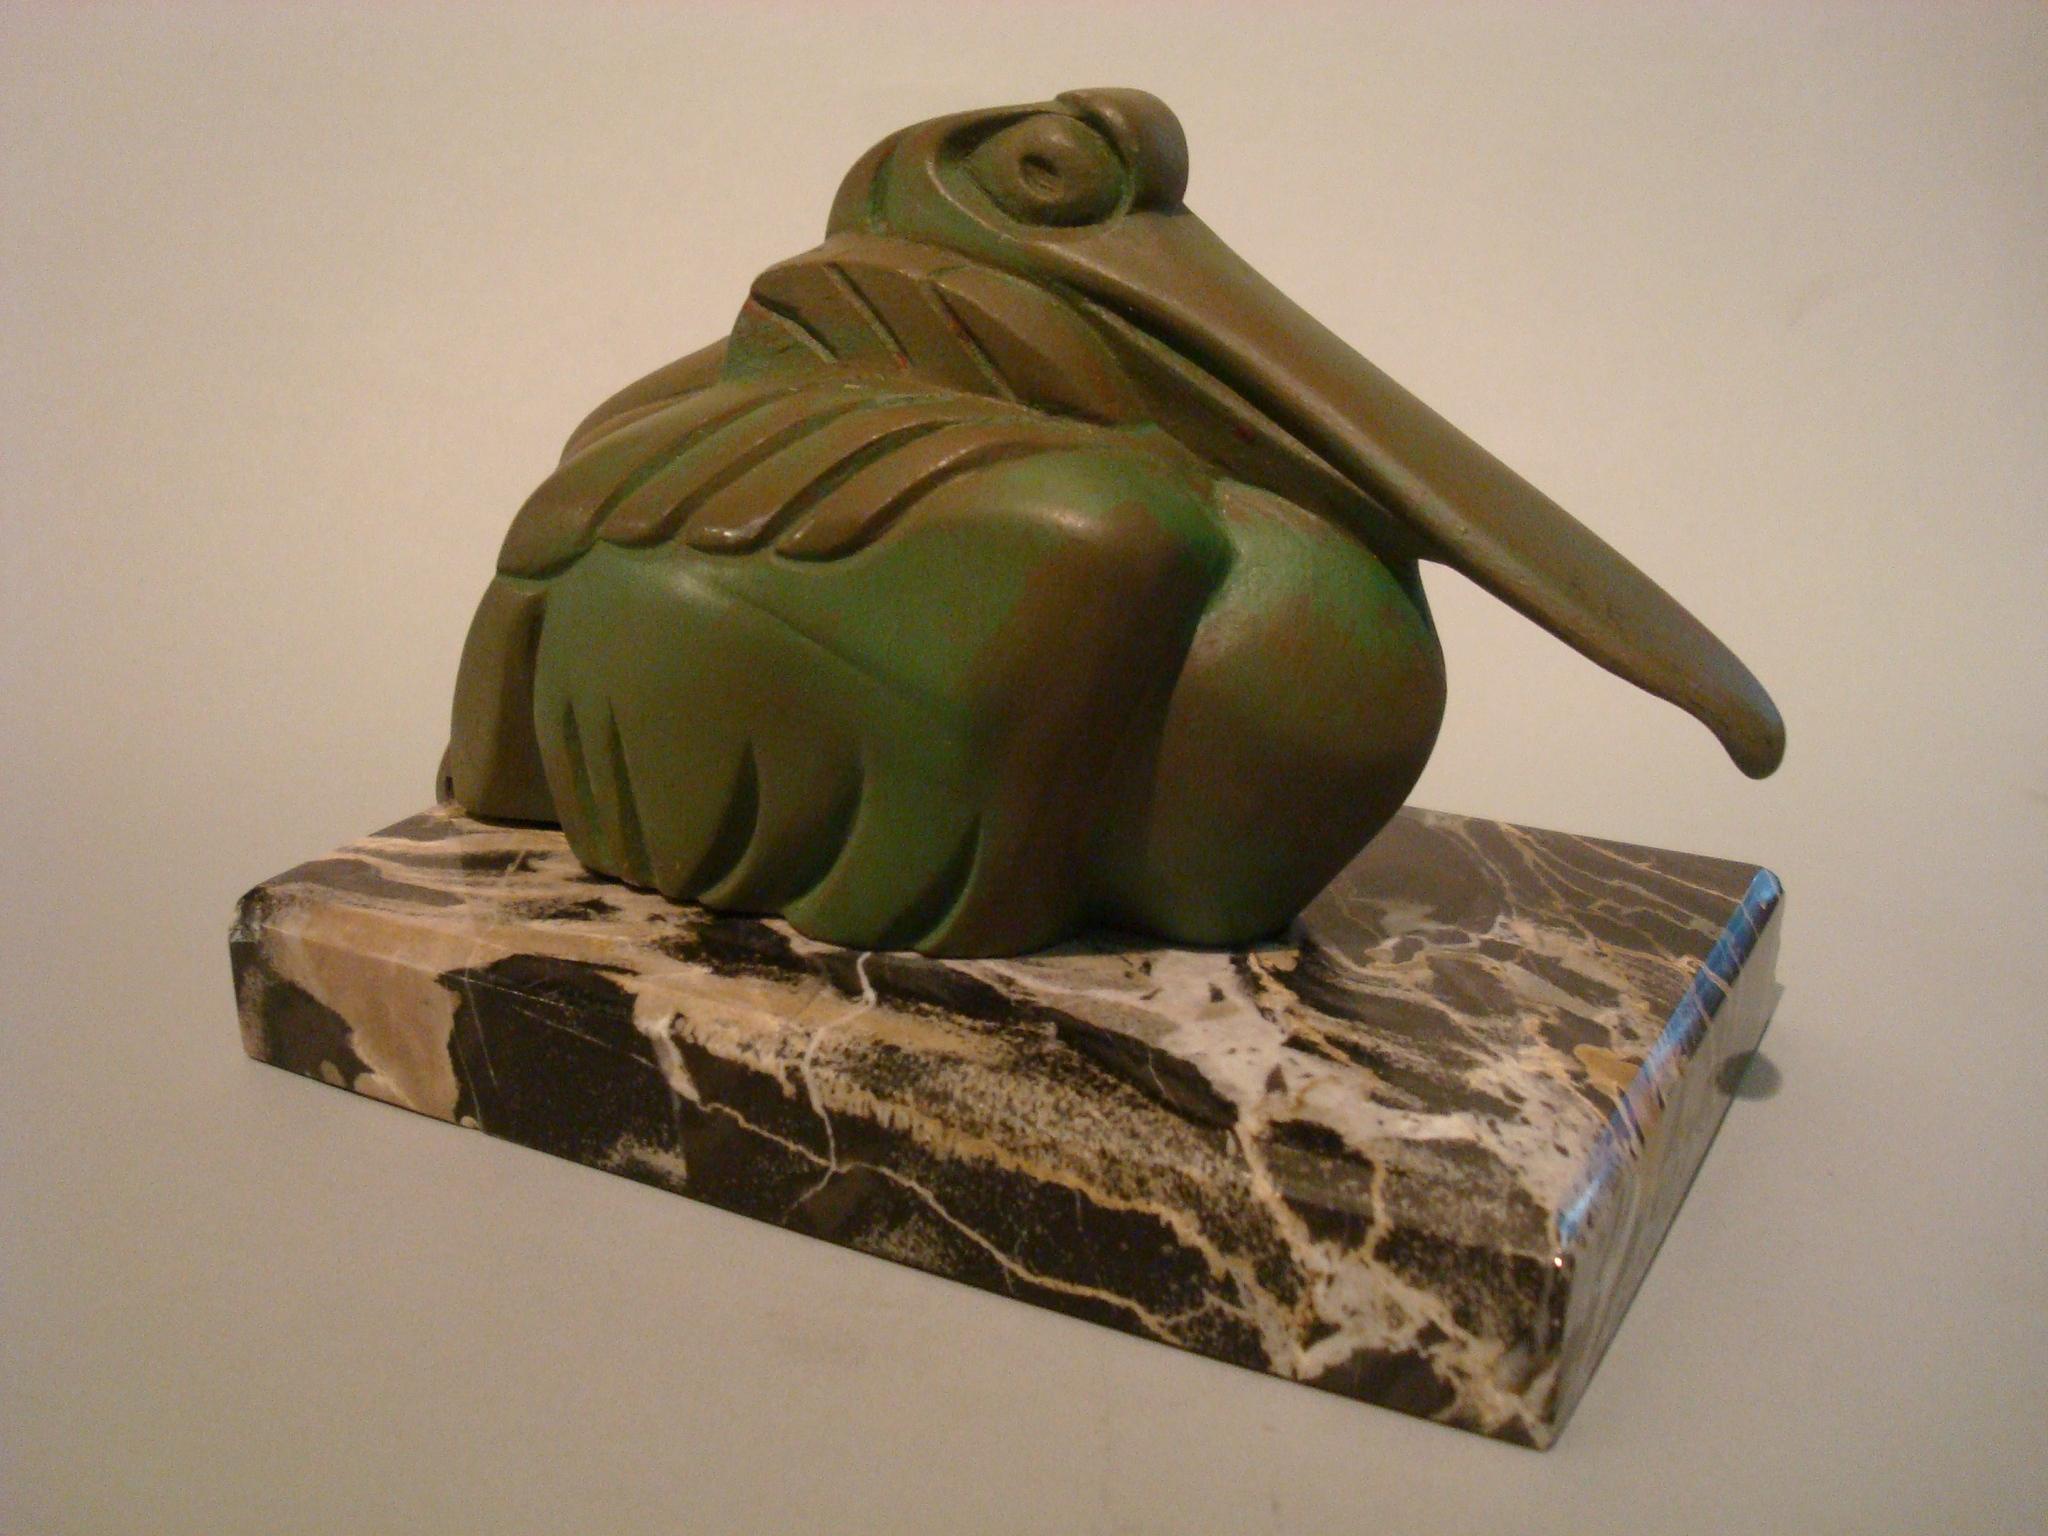 Art Deco Cubist Pelican Paperweight Desk Sculpture by G.H. Laurent, France, 1925